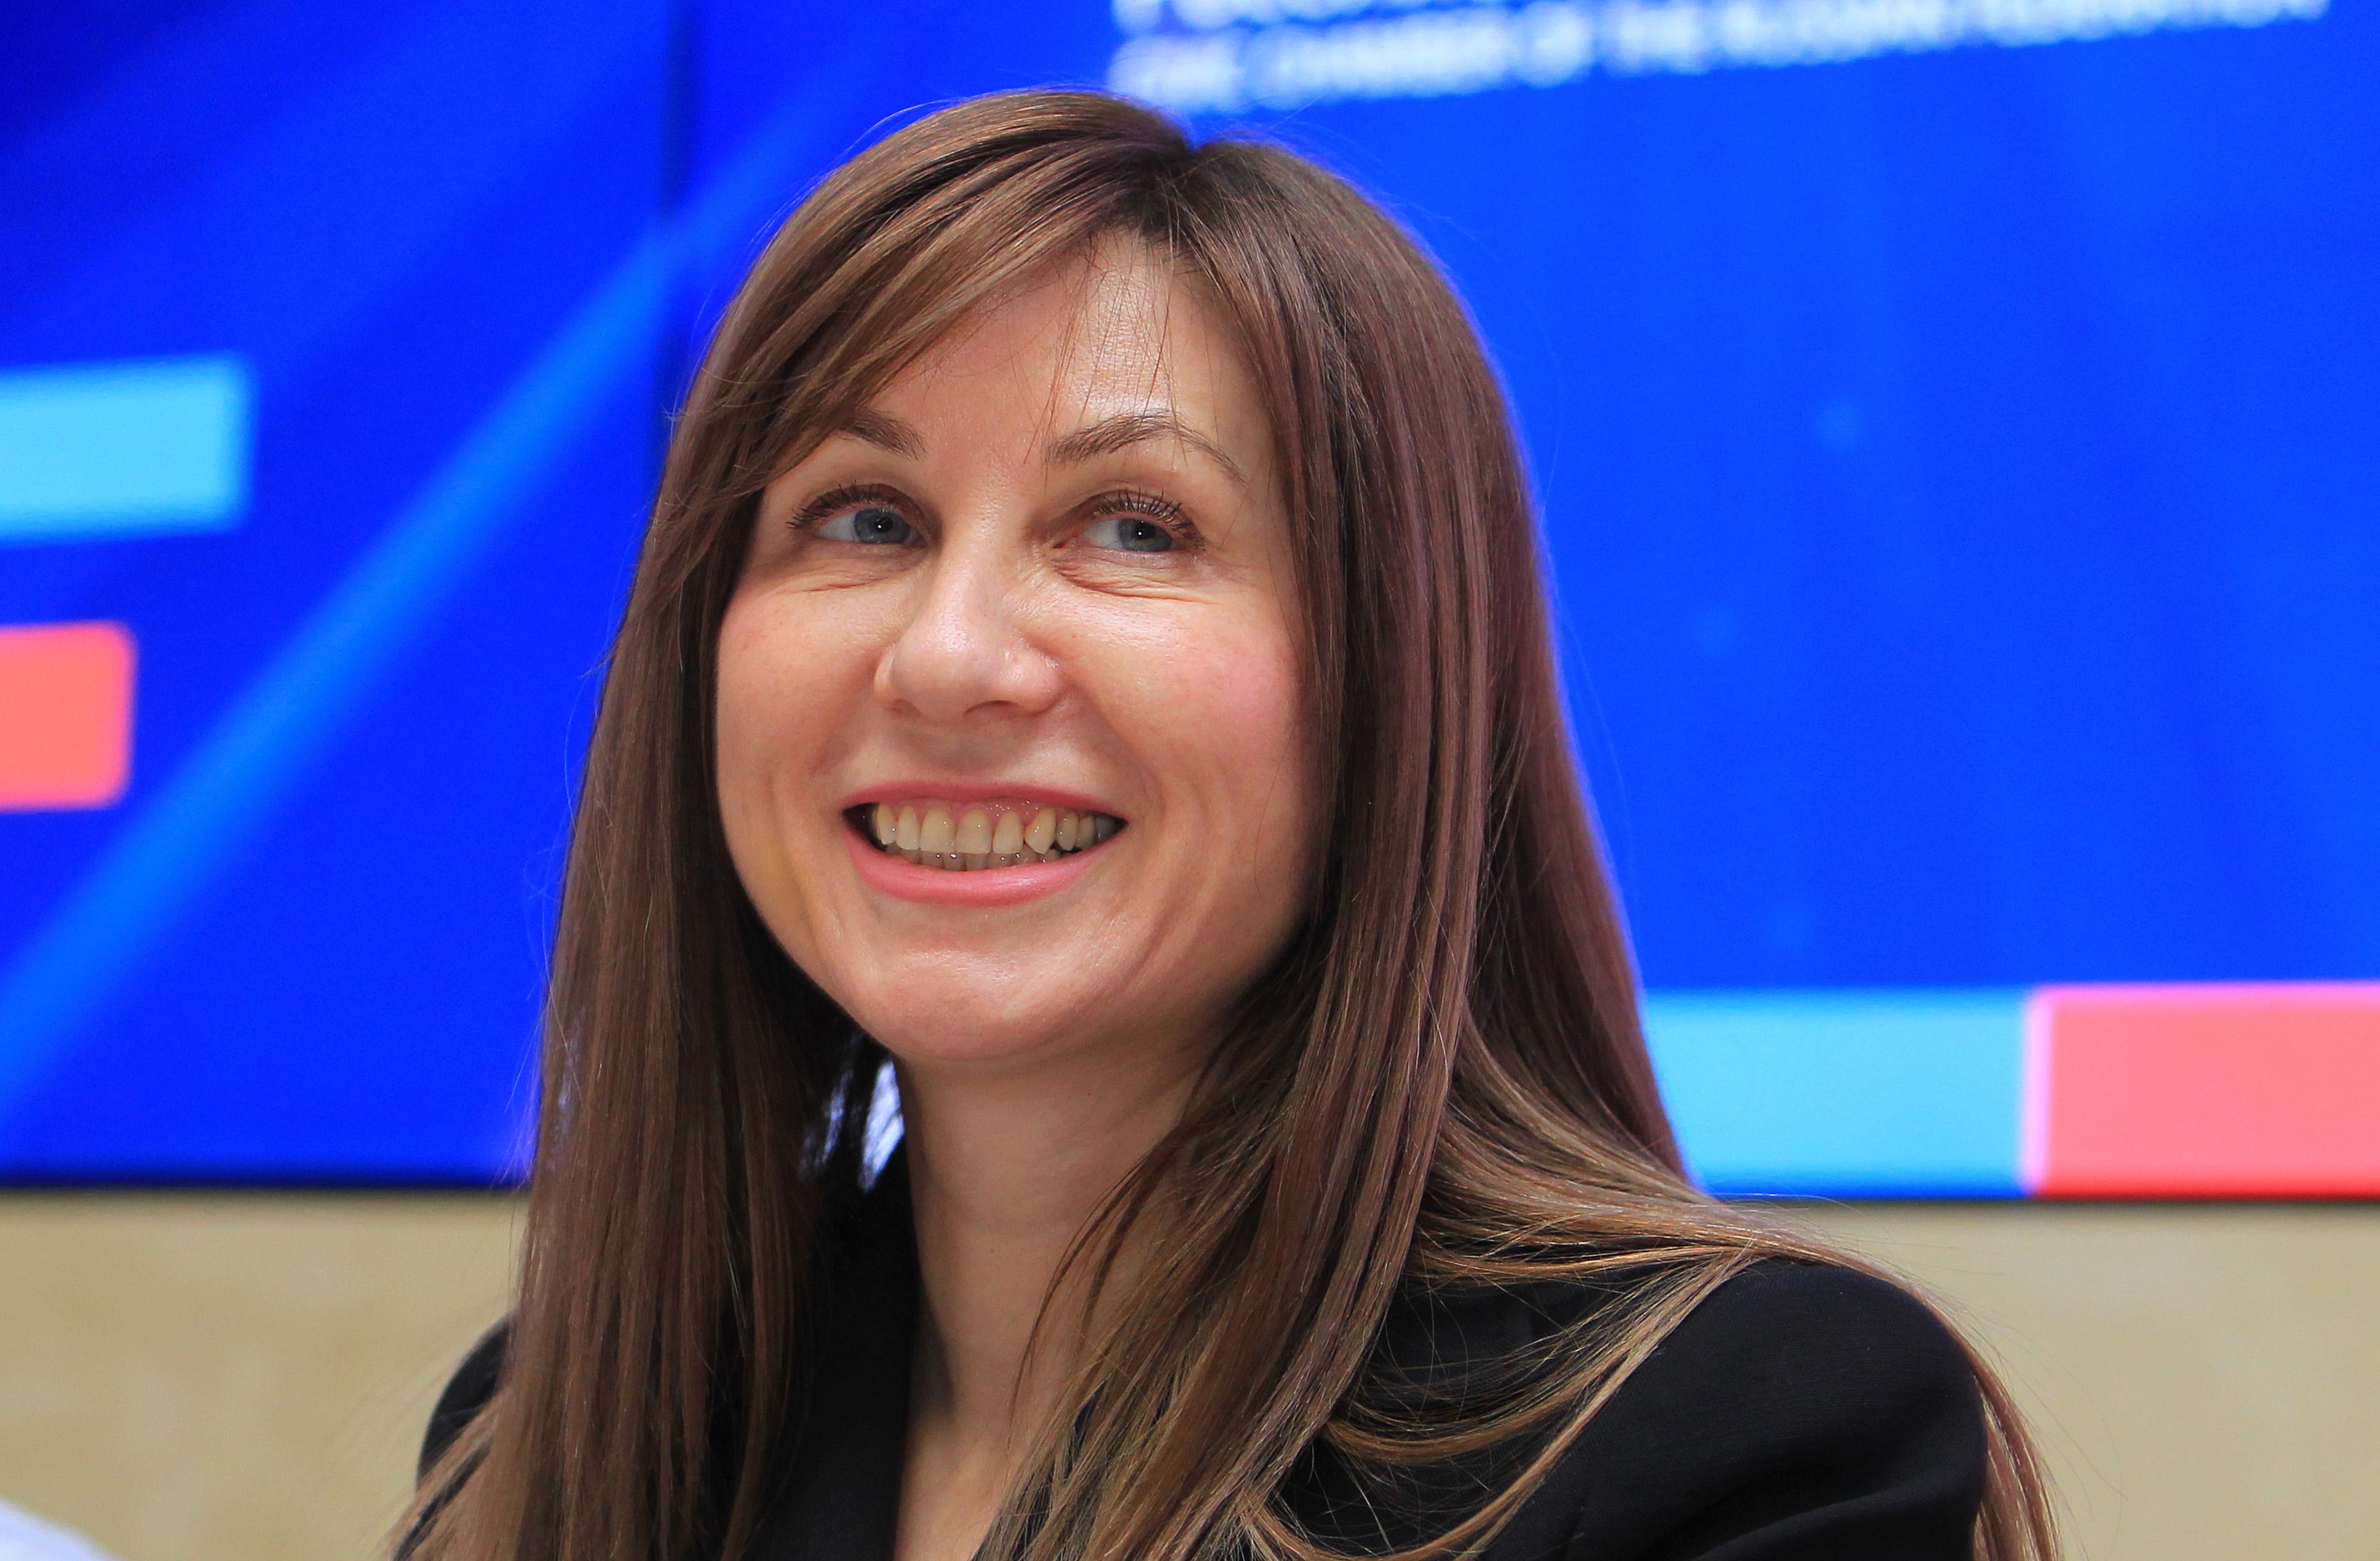 Депутат МГД Картавцева: Масштабная вакцинация от COVID-19 набирает обороты